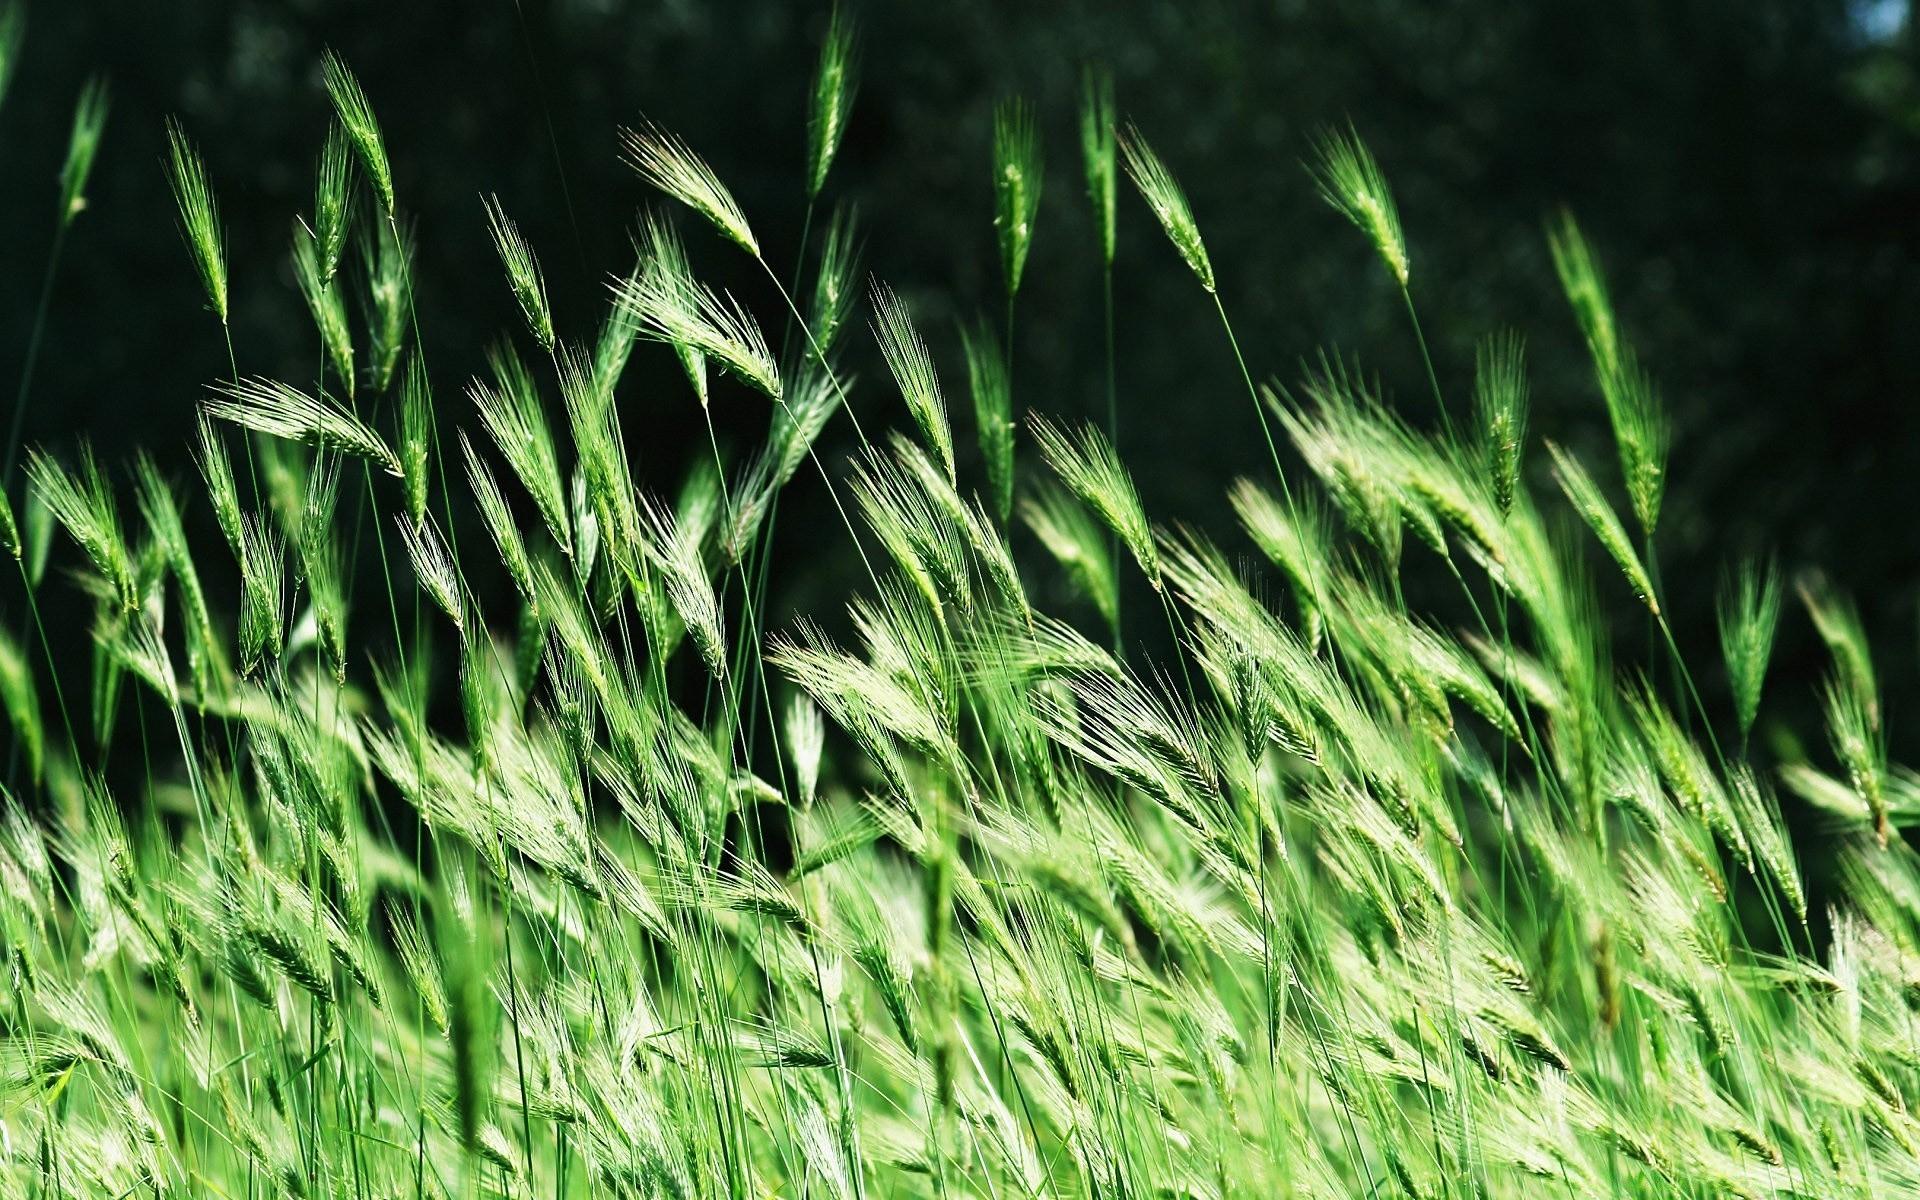 Картинка анимация трава, картинка спасибо